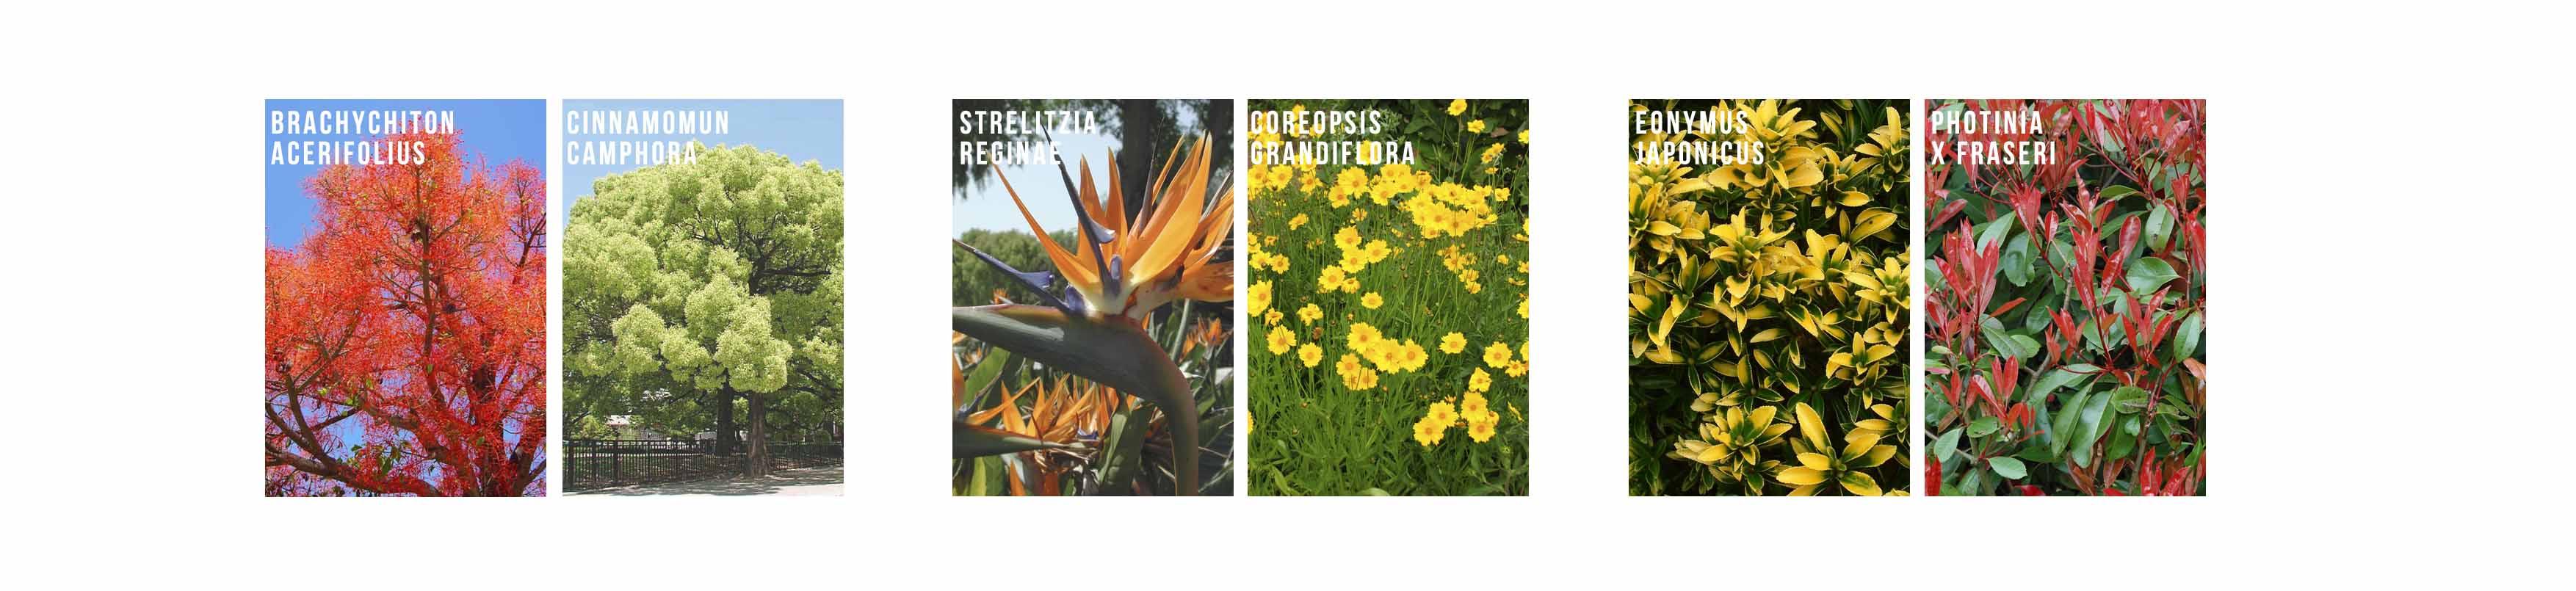 especies vegetales jardin mediterraneo